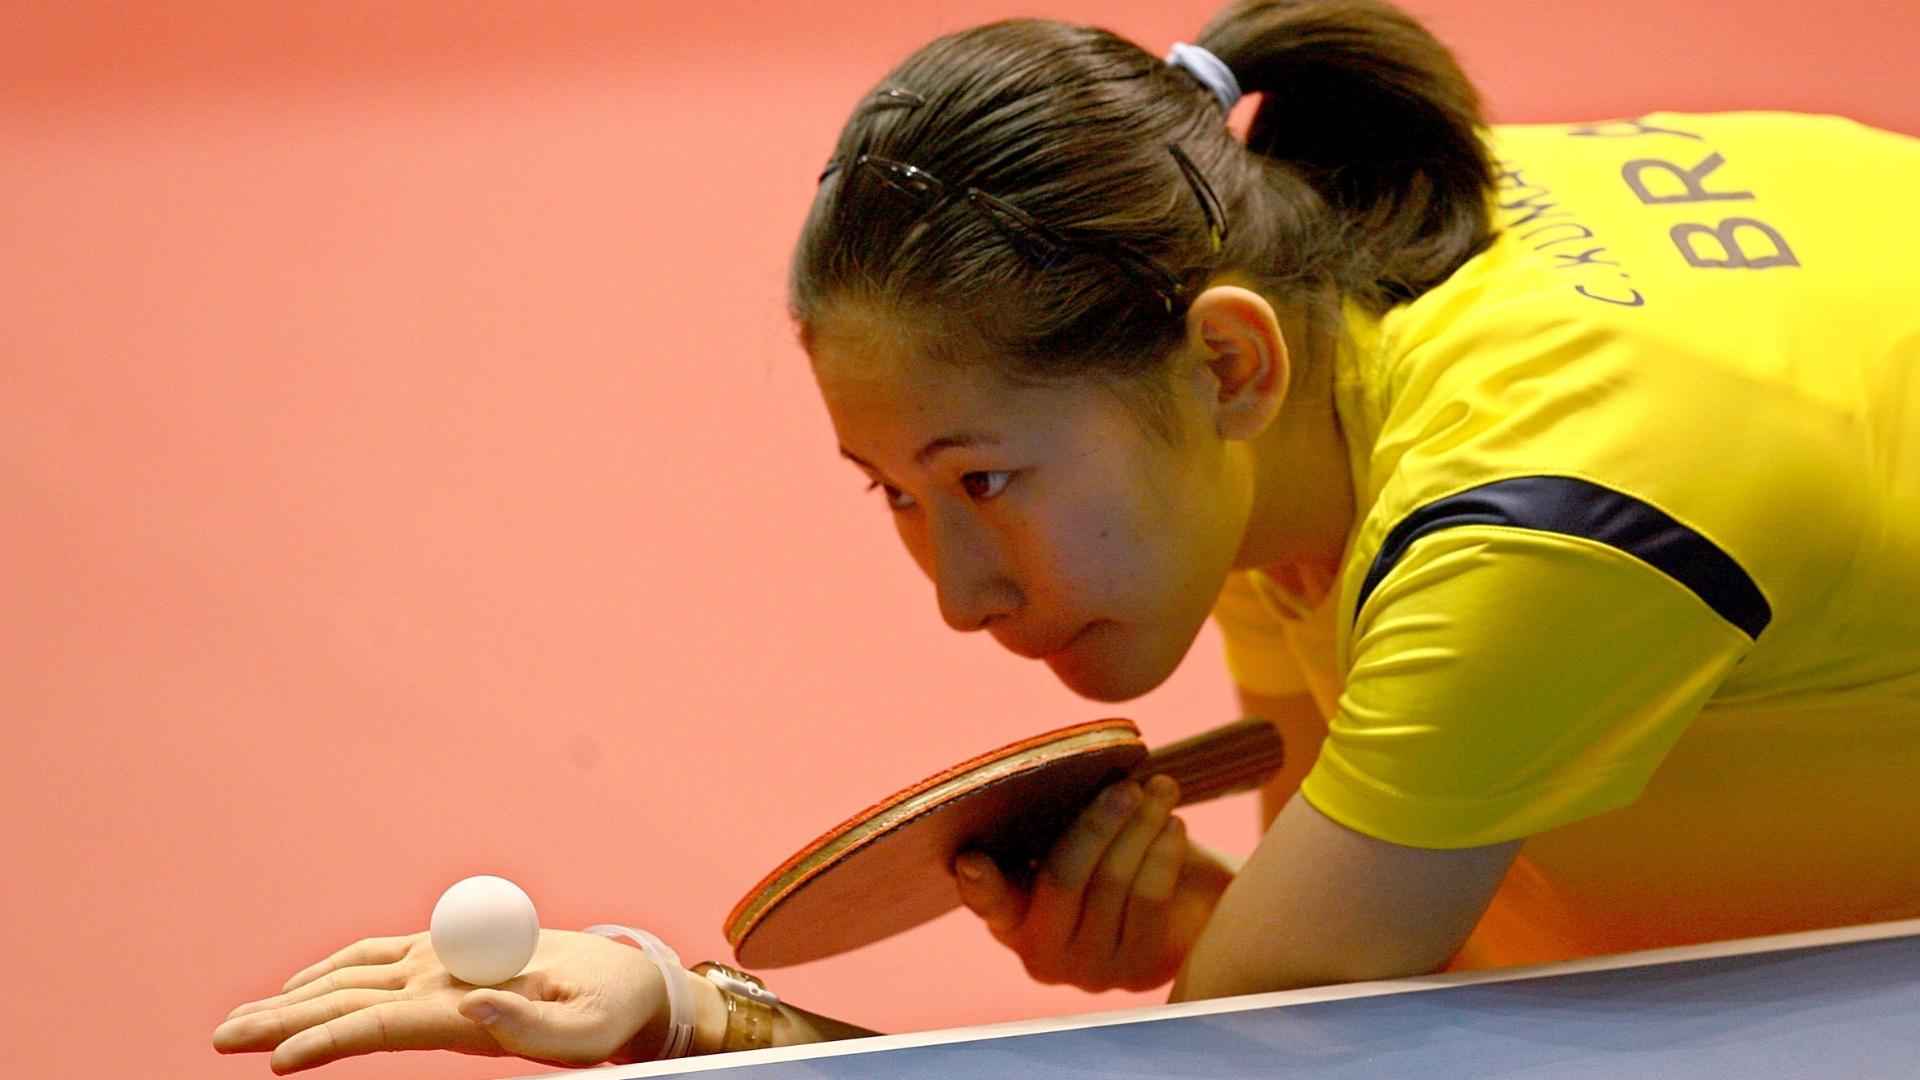 Caroline Kumahara prepara saque em partida de tênis de mesa no individual feminino do Pan (18/10/2011)